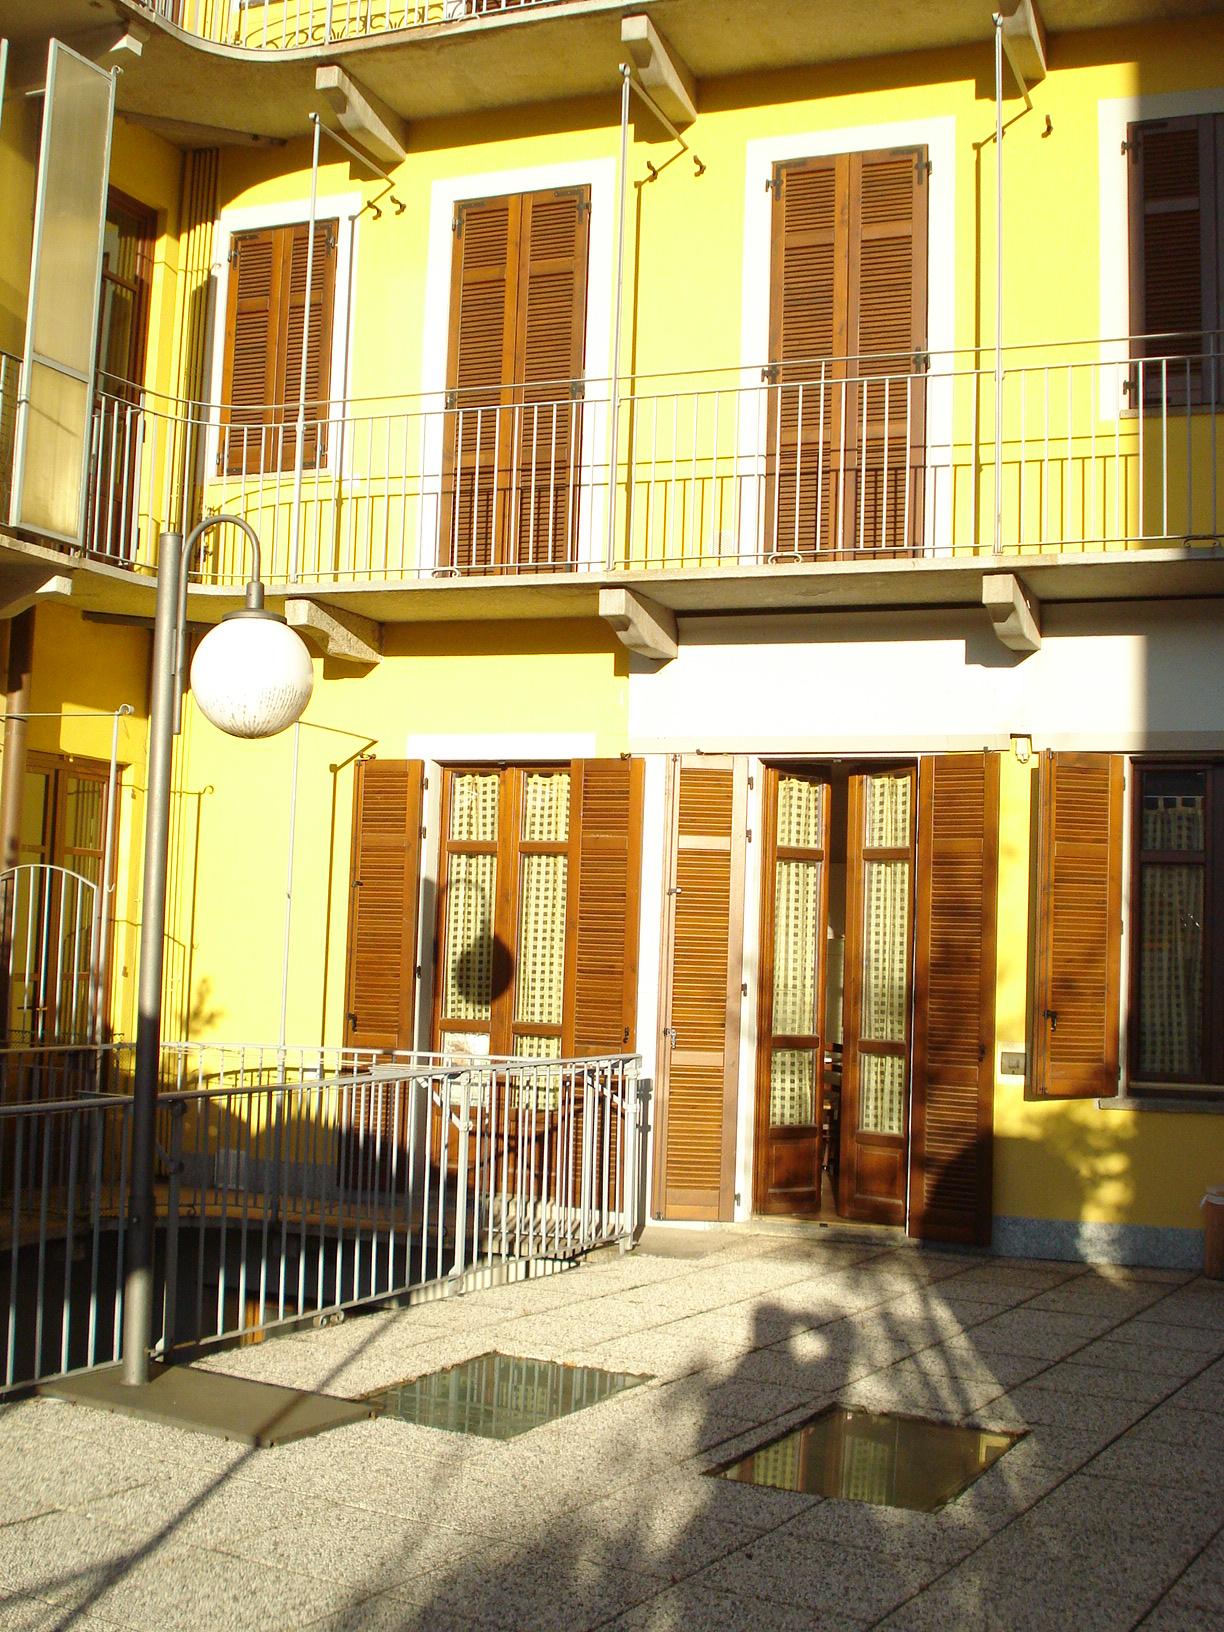 Appartamento in affitto a Biella, 2 locali, zona Zona: Centro, prezzo € 360 | CambioCasa.it